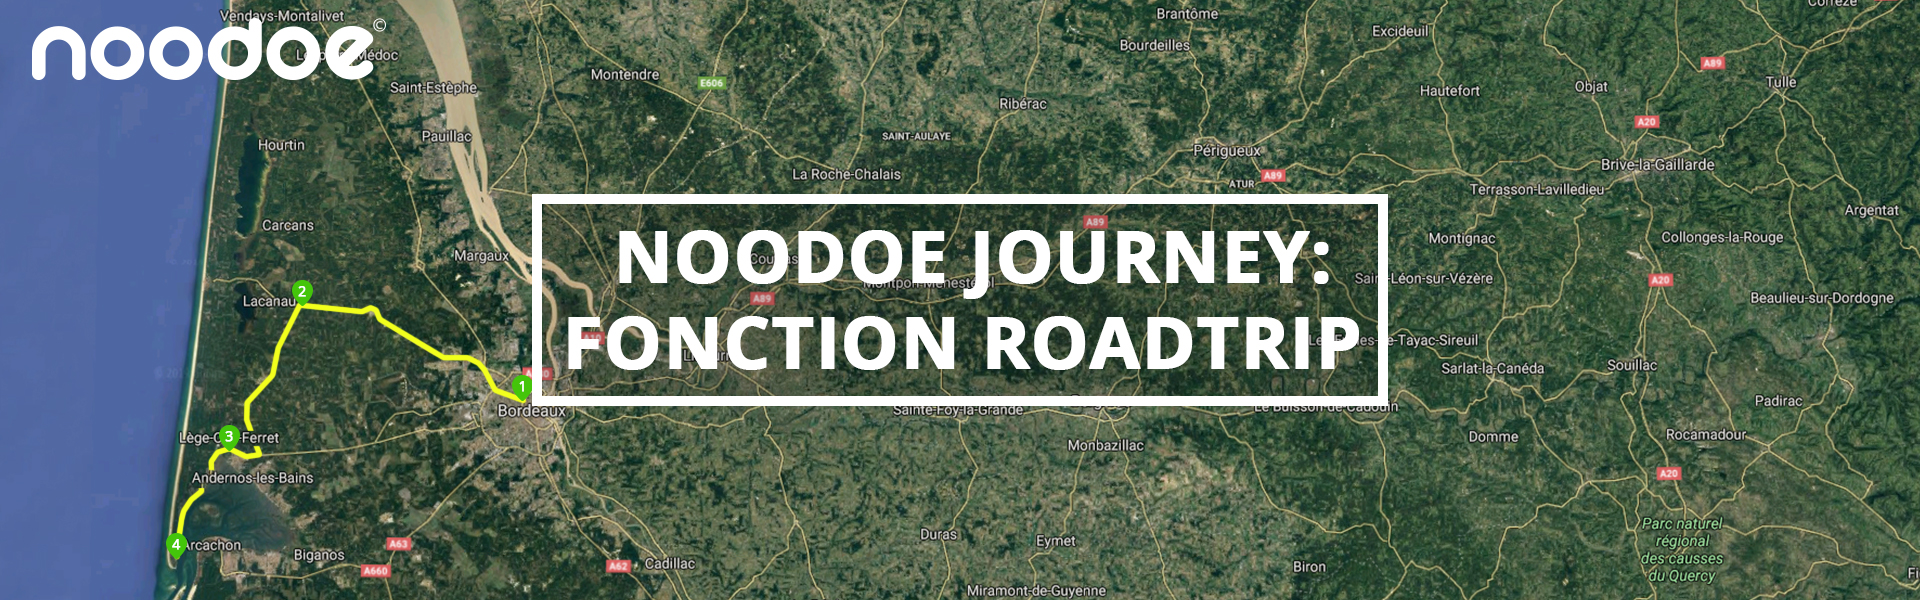 guide-noodoe-journey